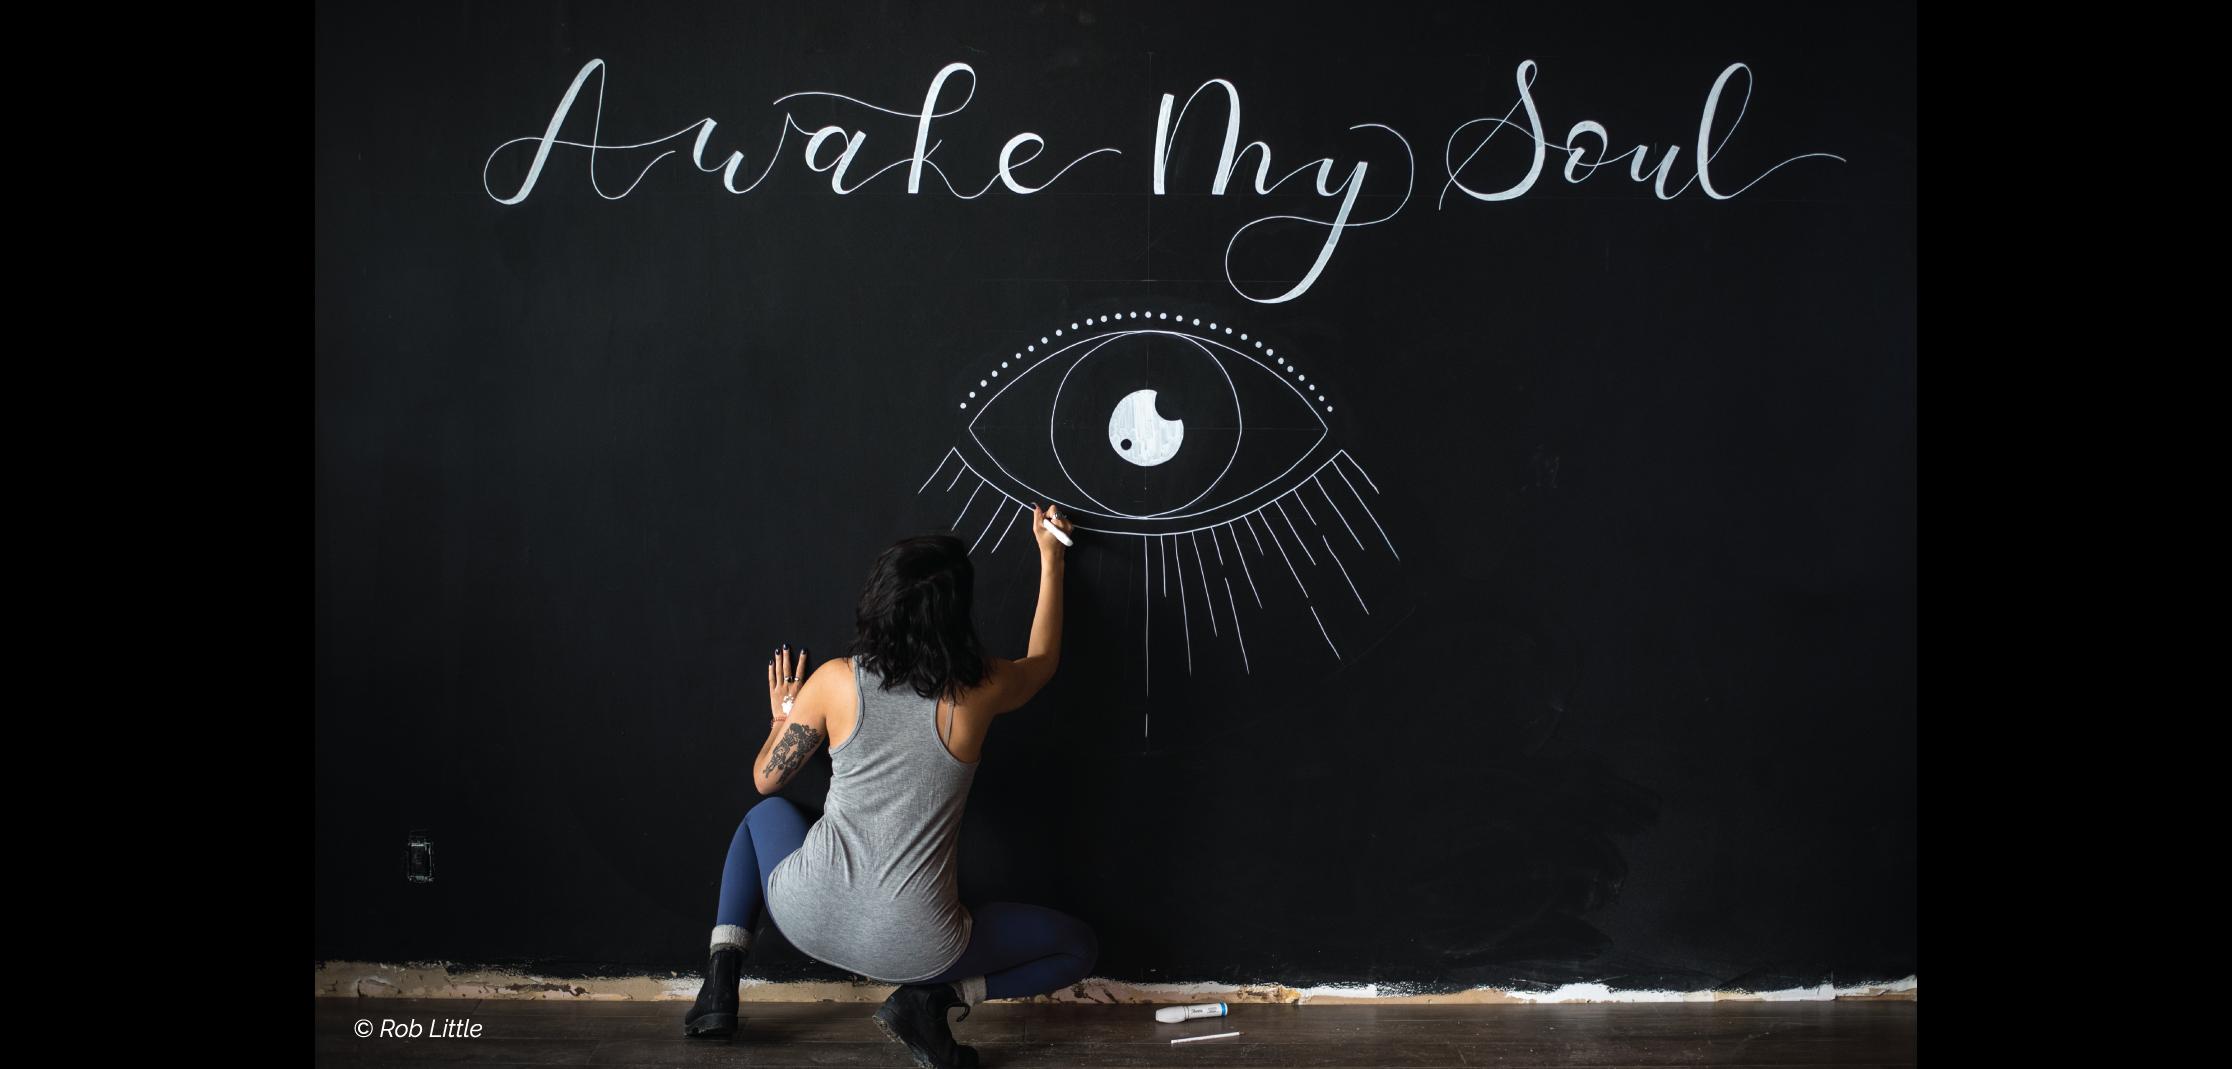 Wall-Mural-Awake-My-Soul.png